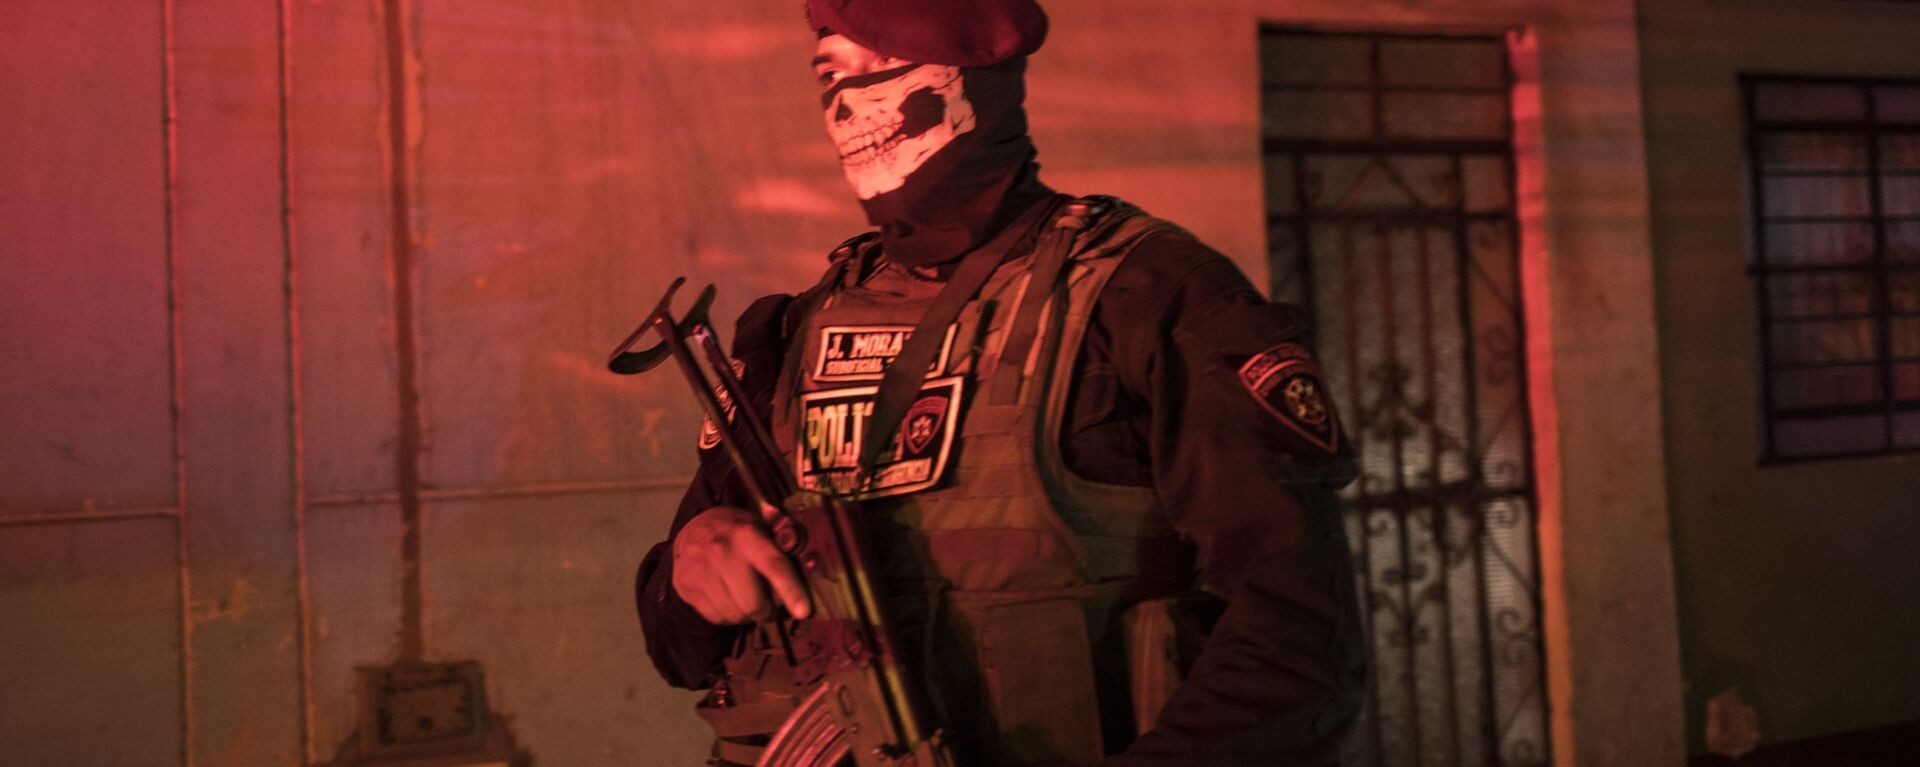 Un oficial de la Policía Nacional peruana - Sputnik Mundo, 1920, 15.07.2021